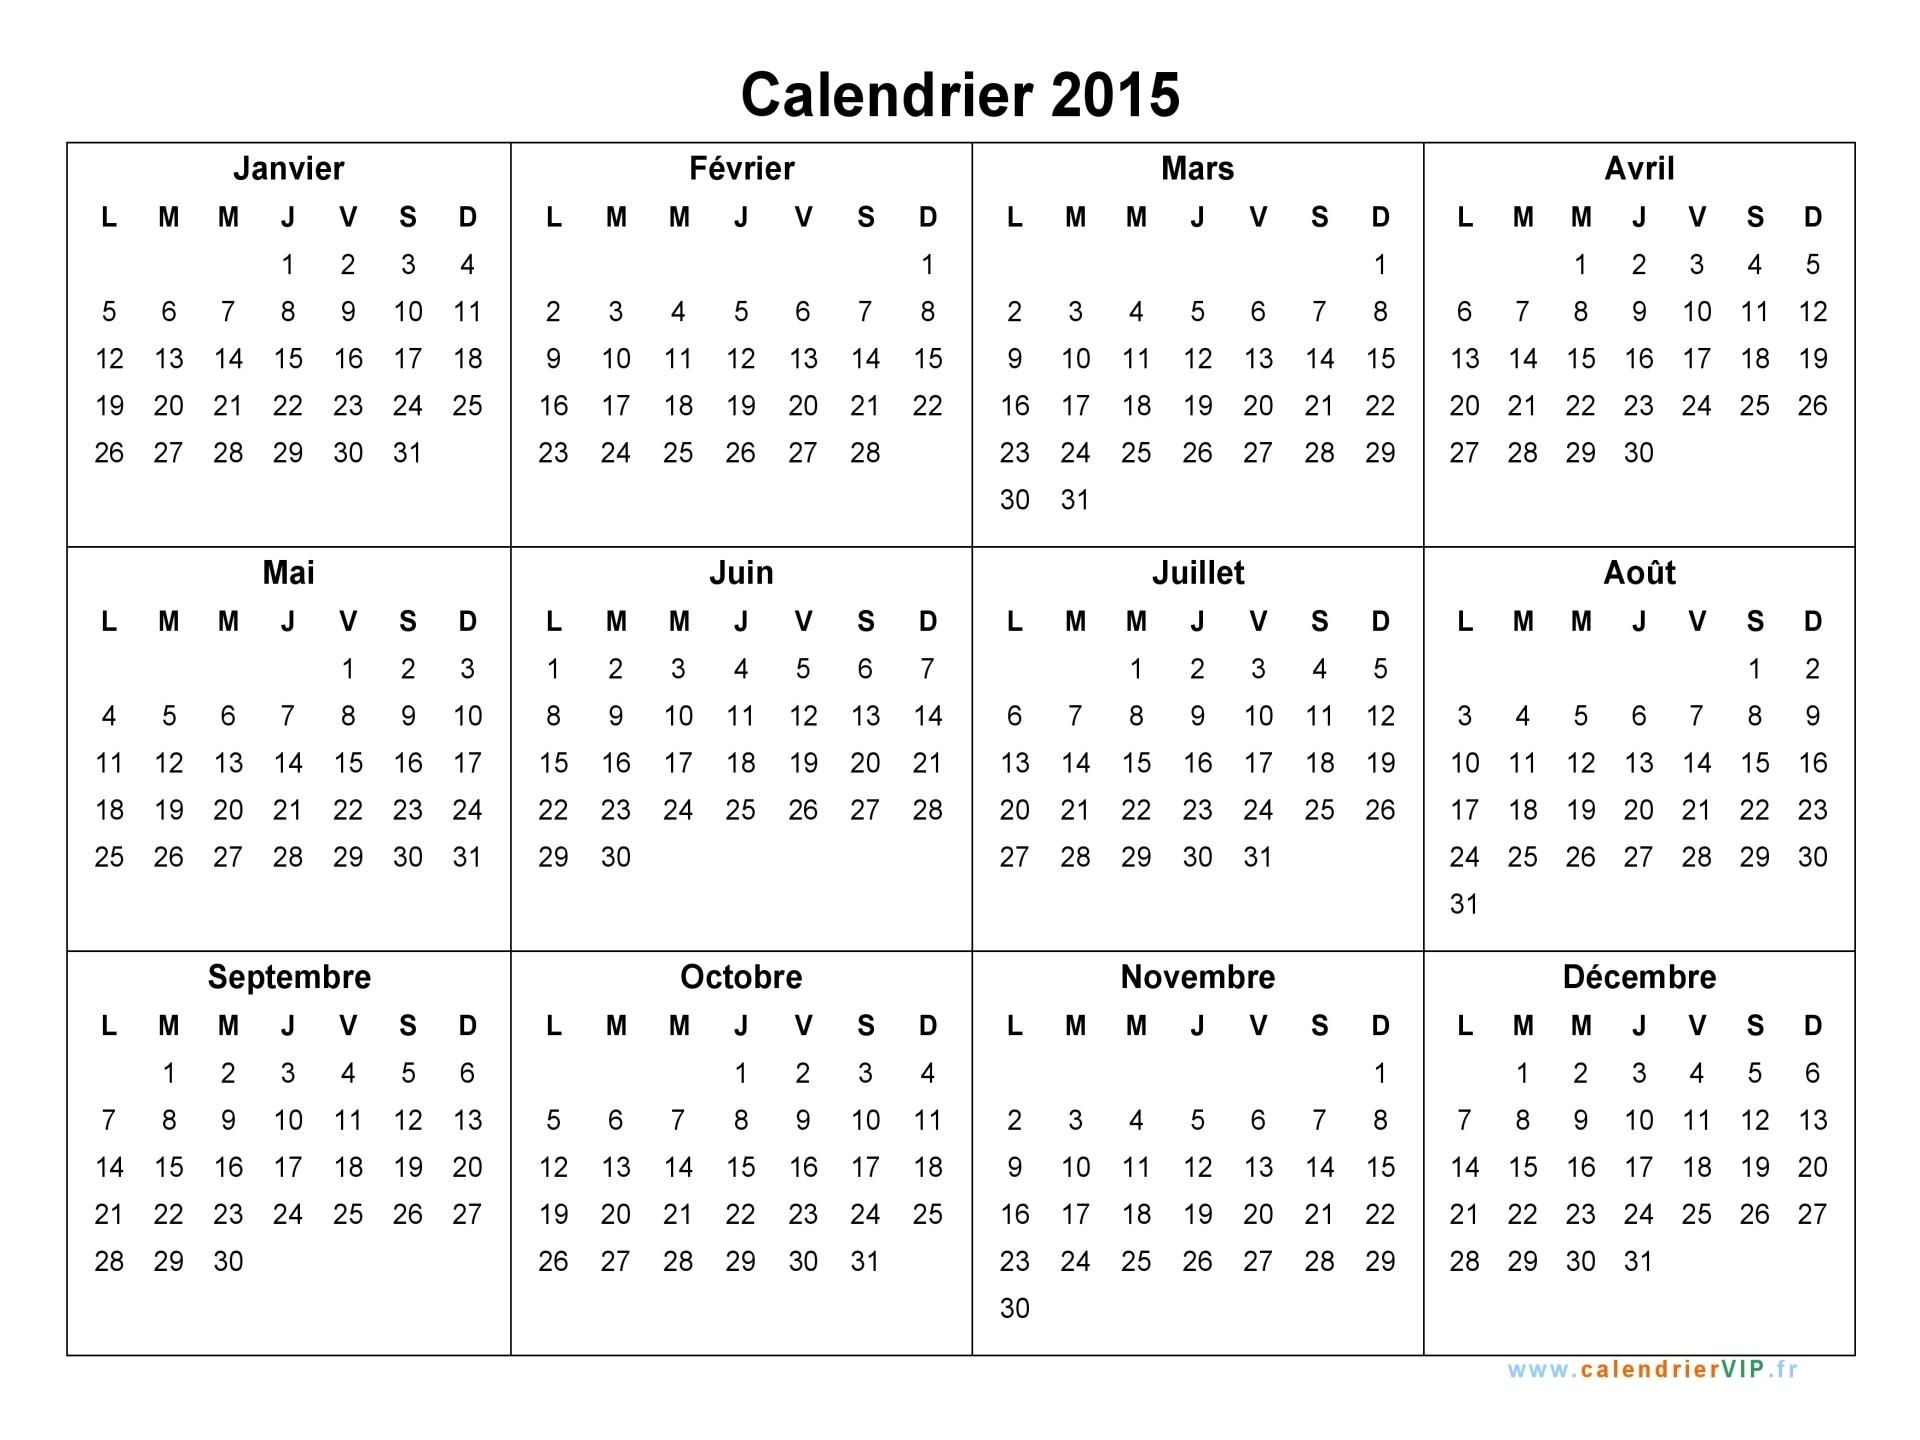 Préférence Calendrier 2015 à imprimer gratuit en PDF et Excel UX61